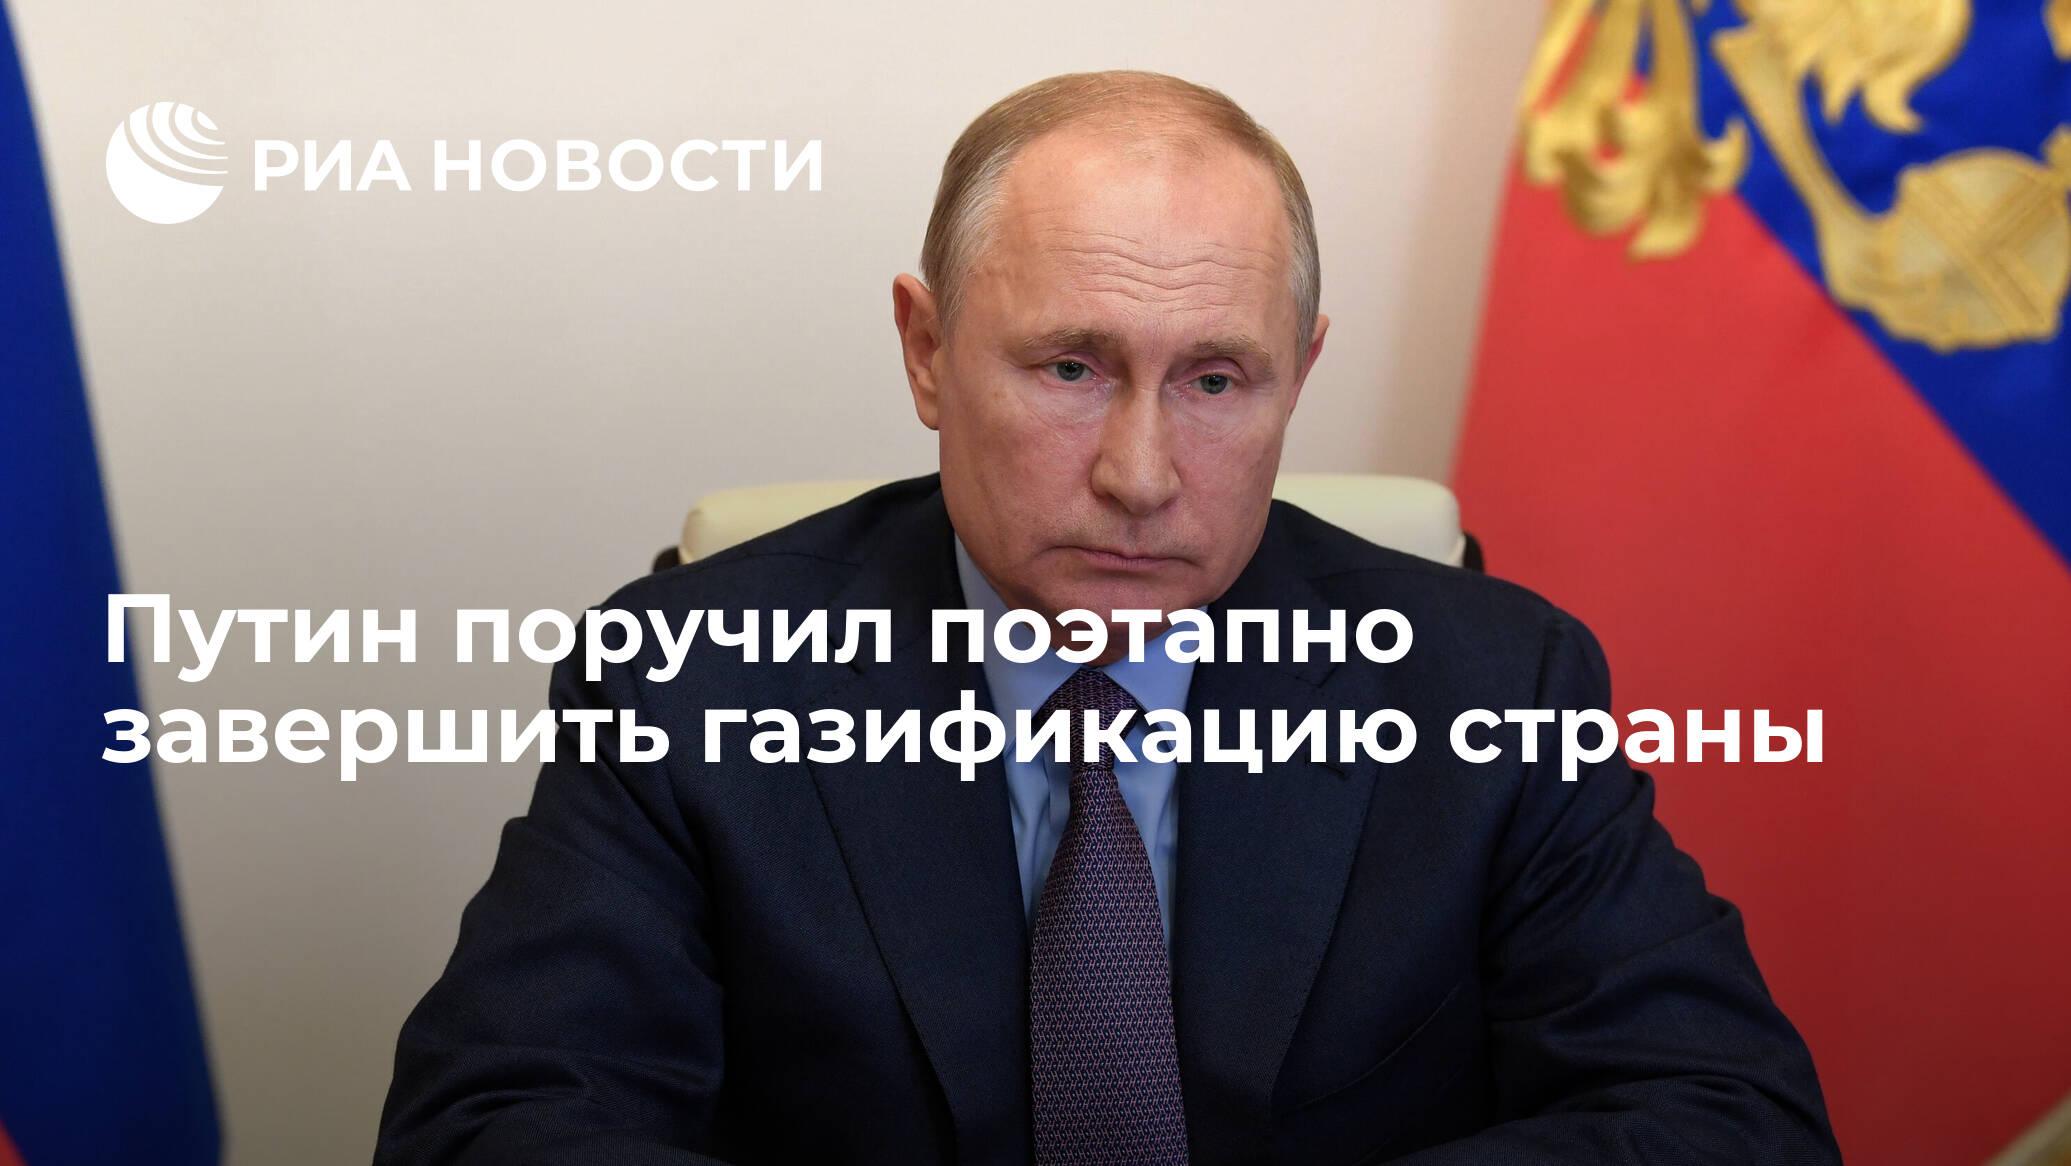 Путин поручил поэтапно завершить газификацию страны